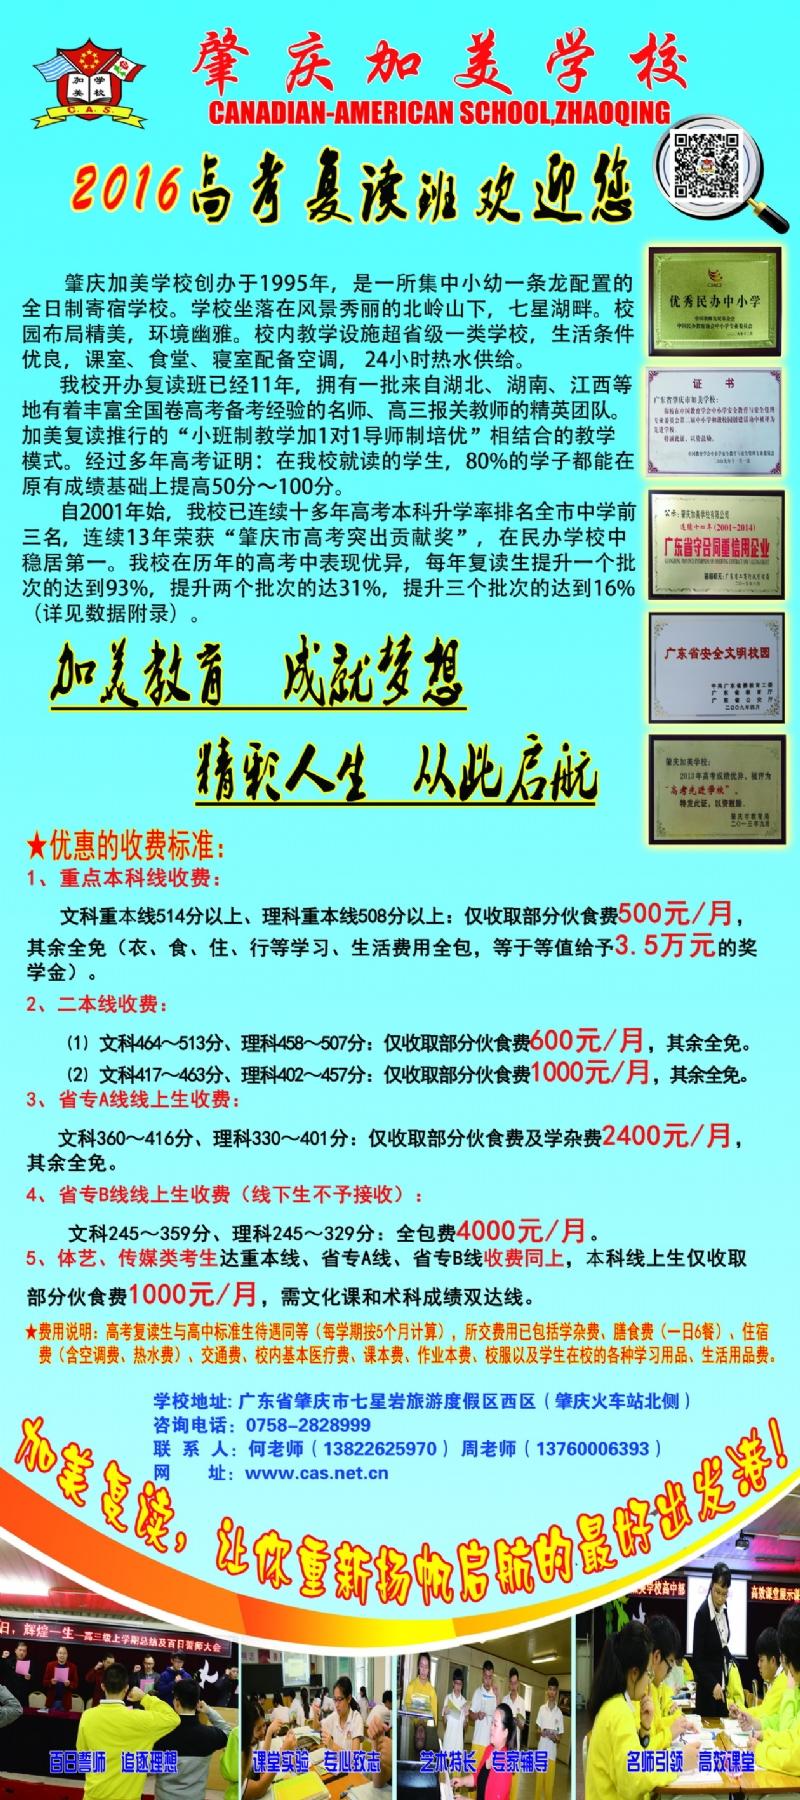 综合se幼幼_国外幼交色情网站_国外儿童_国外海报_国外插画_www.aisuw.xyz